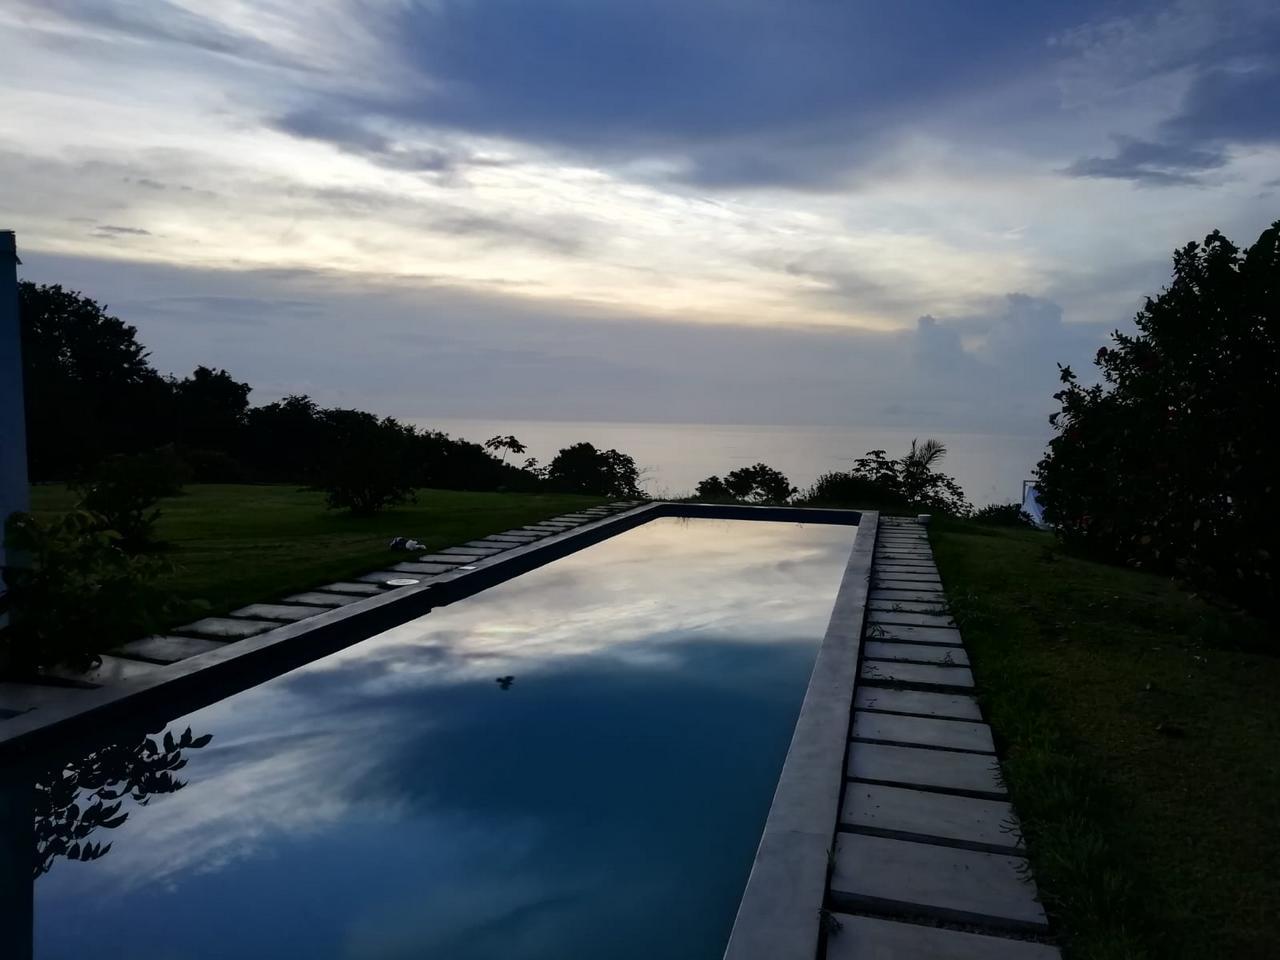 Viajes de última hora: amanecer en un hotel de Montezuma, Costa Rica.